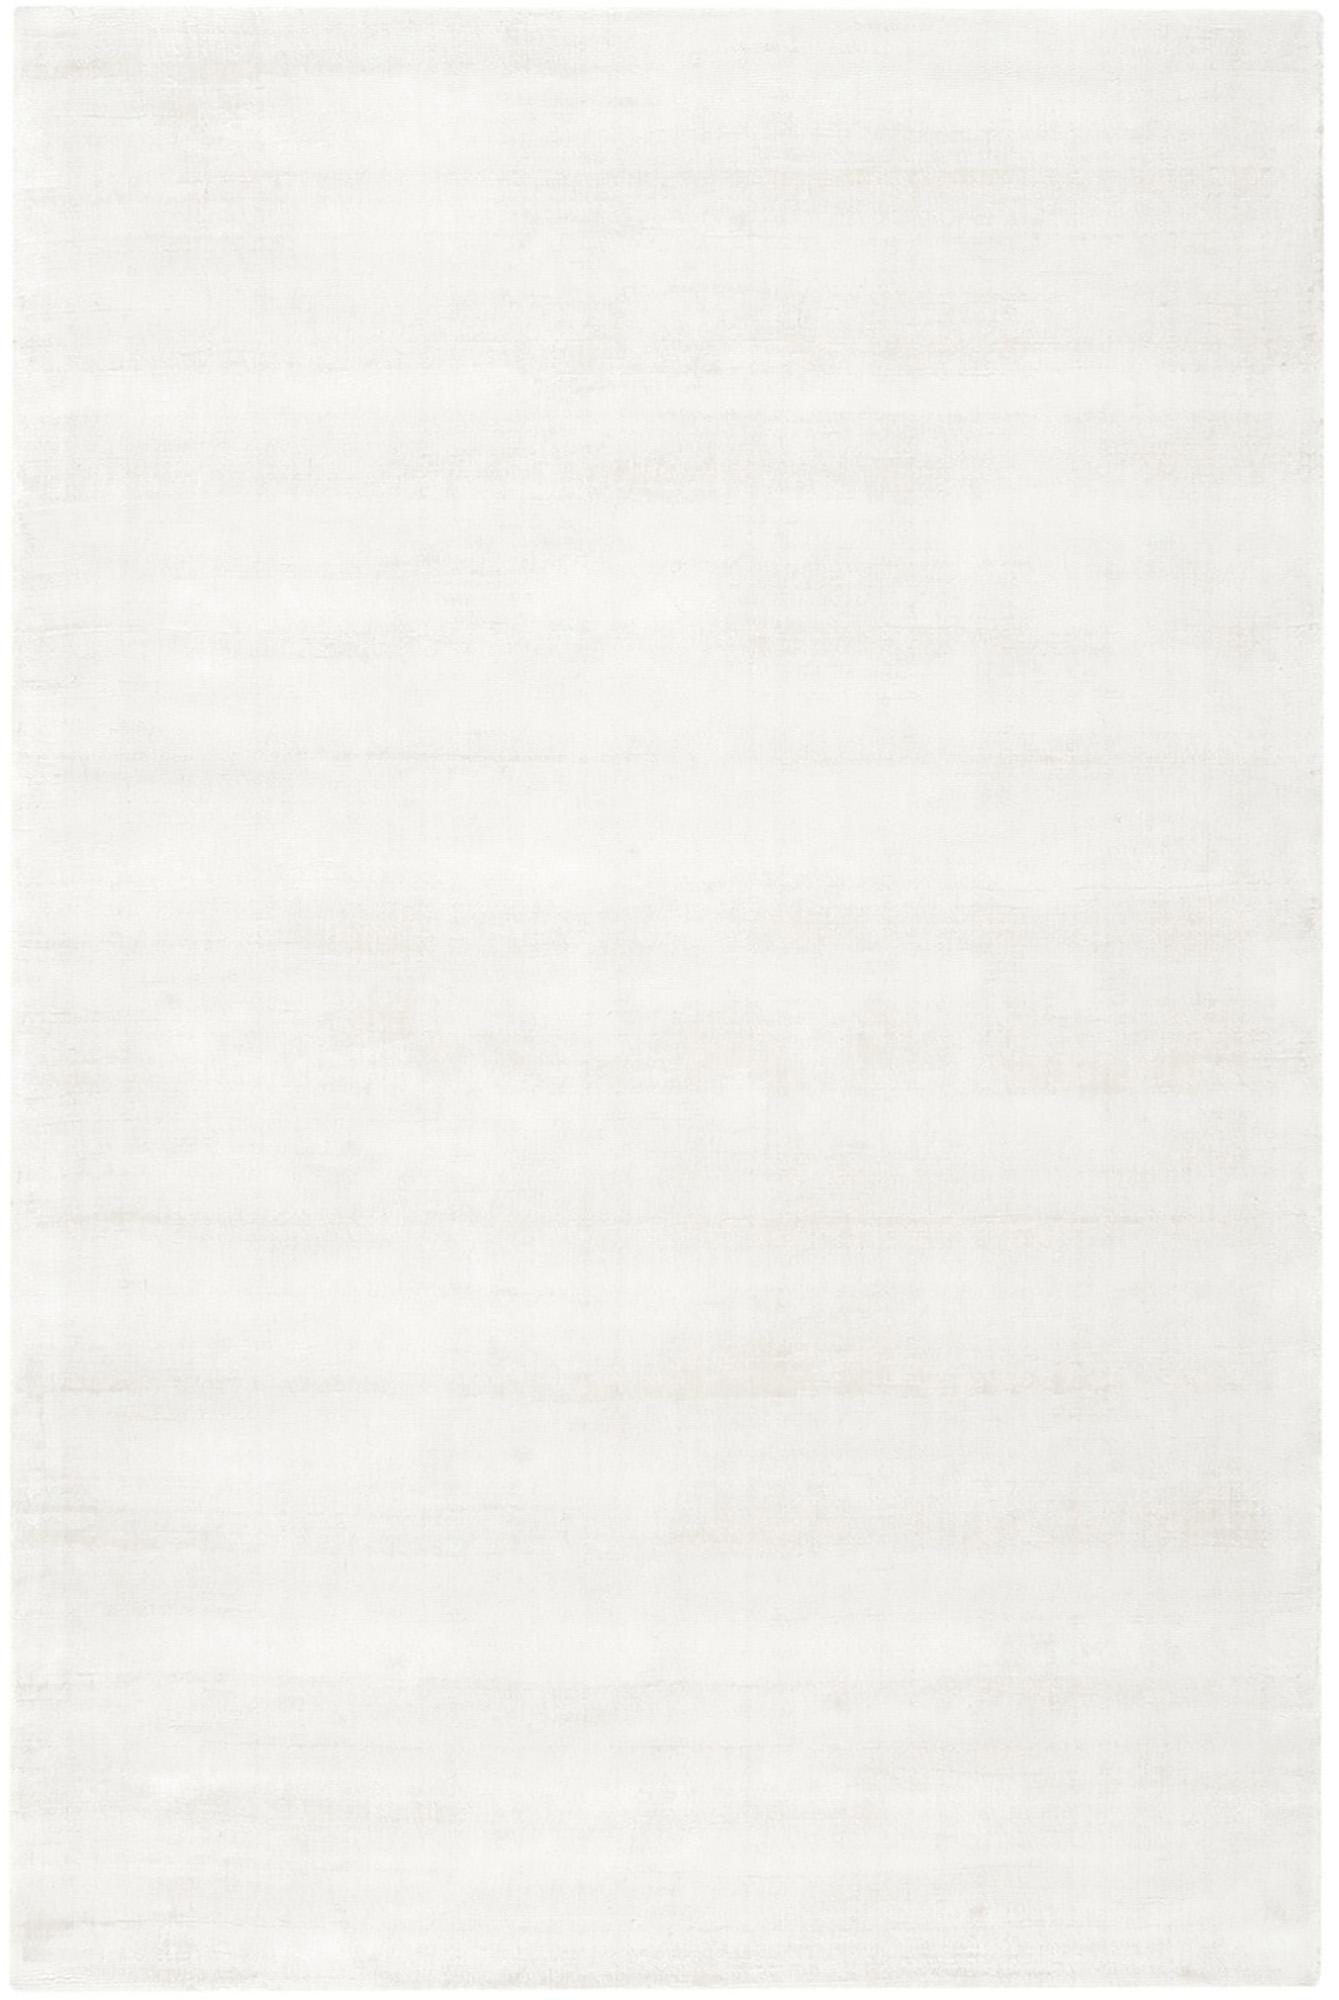 Handgeweven viscose vloerkleed Jane in ivoorkleur, Bovenzijde: 100% viscose, Onderzijde: 100% katoen, Ivoorkleurig, 160 x 230 cm